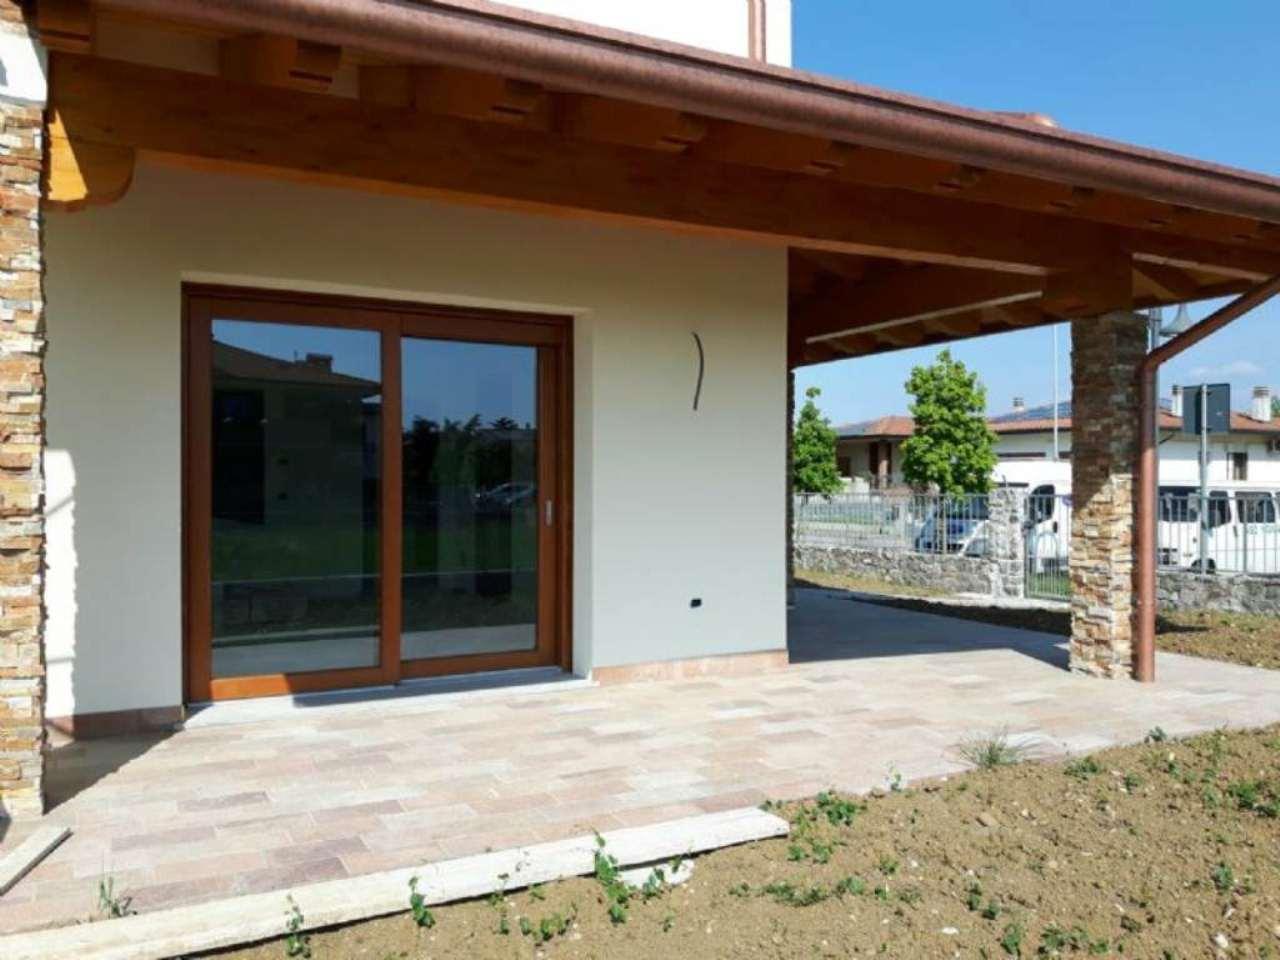 Villa Bifamiliare in vendita a Moimacco, 6 locali, prezzo € 285.000 | Cambio Casa.it